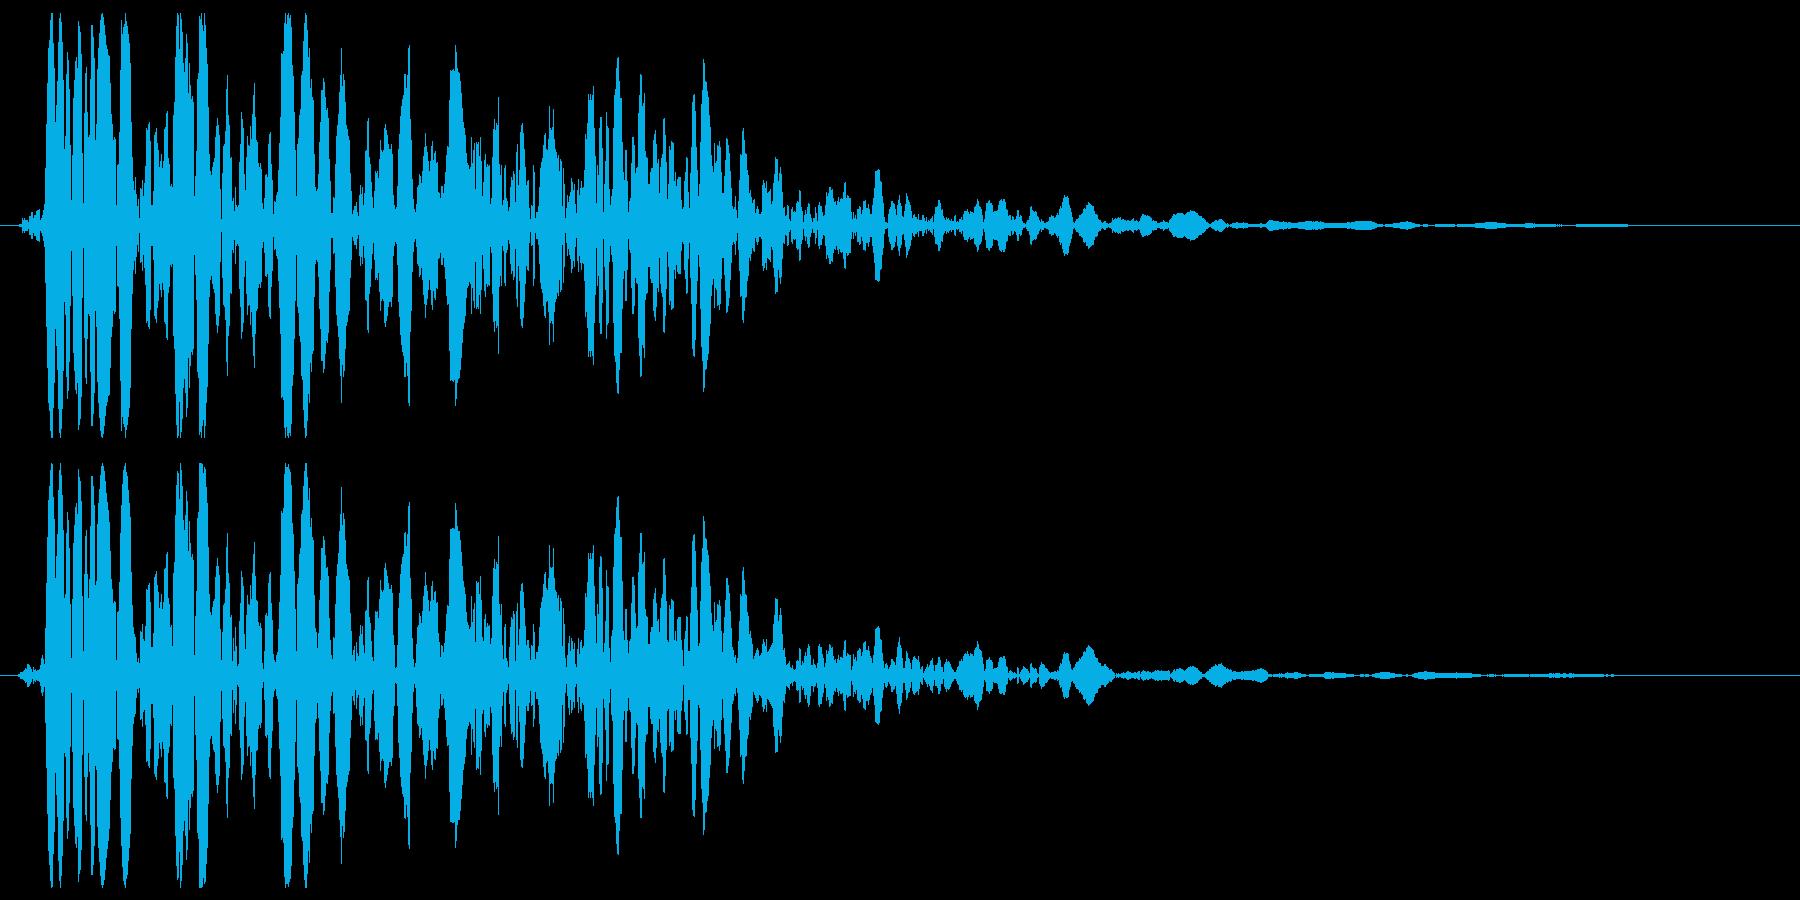 ザザーン(雪や砂の効果音)の再生済みの波形